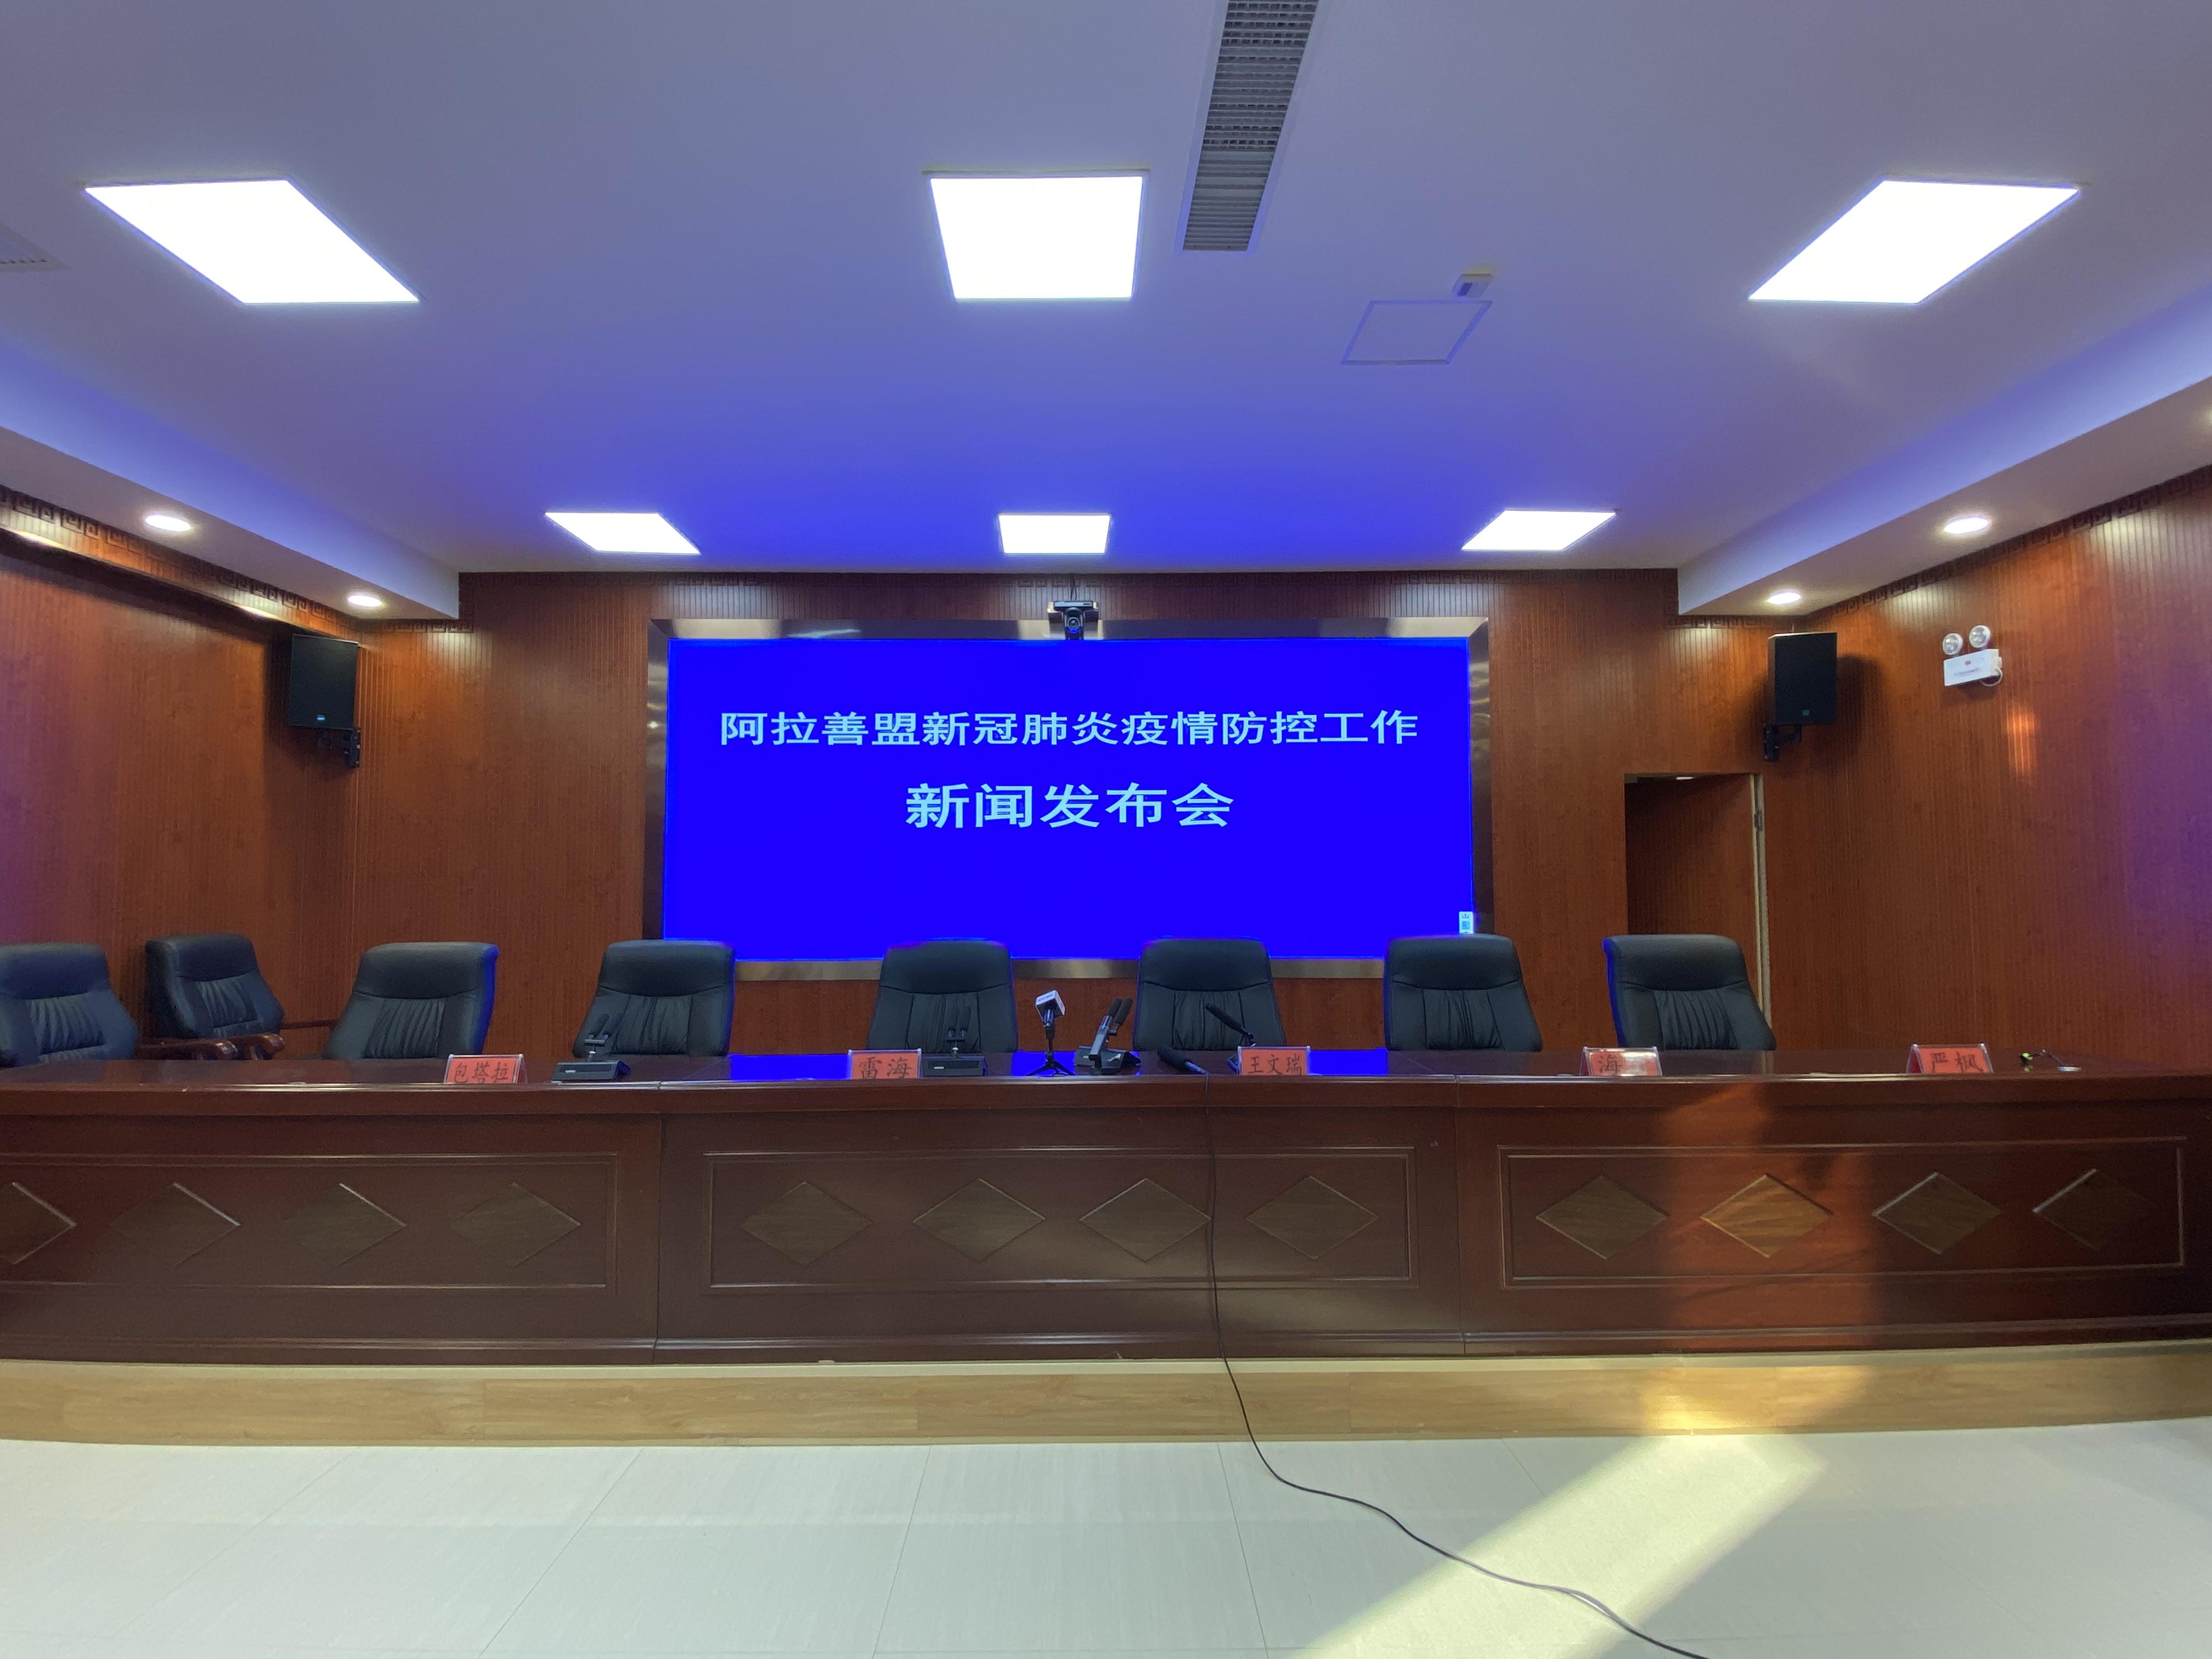 内蒙古额济纳旗举行新冠肺炎疫情防控工作新闻发布会